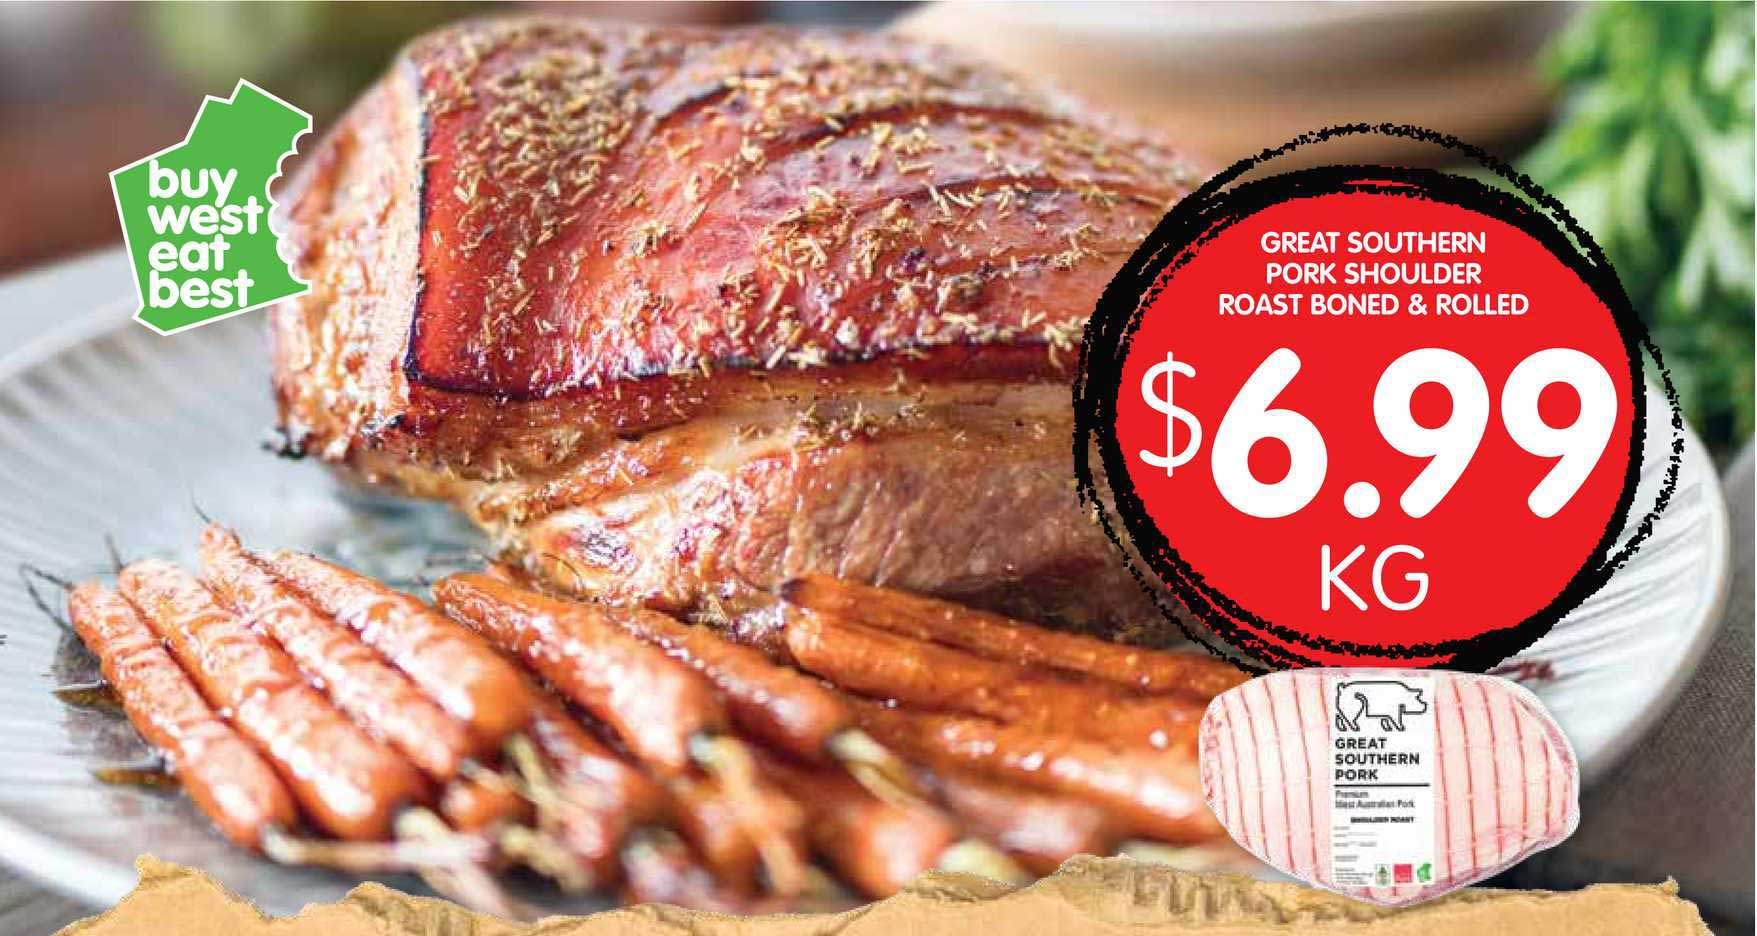 Spudshed Great Southern Pork Shoulder Roast Boned & Rolled